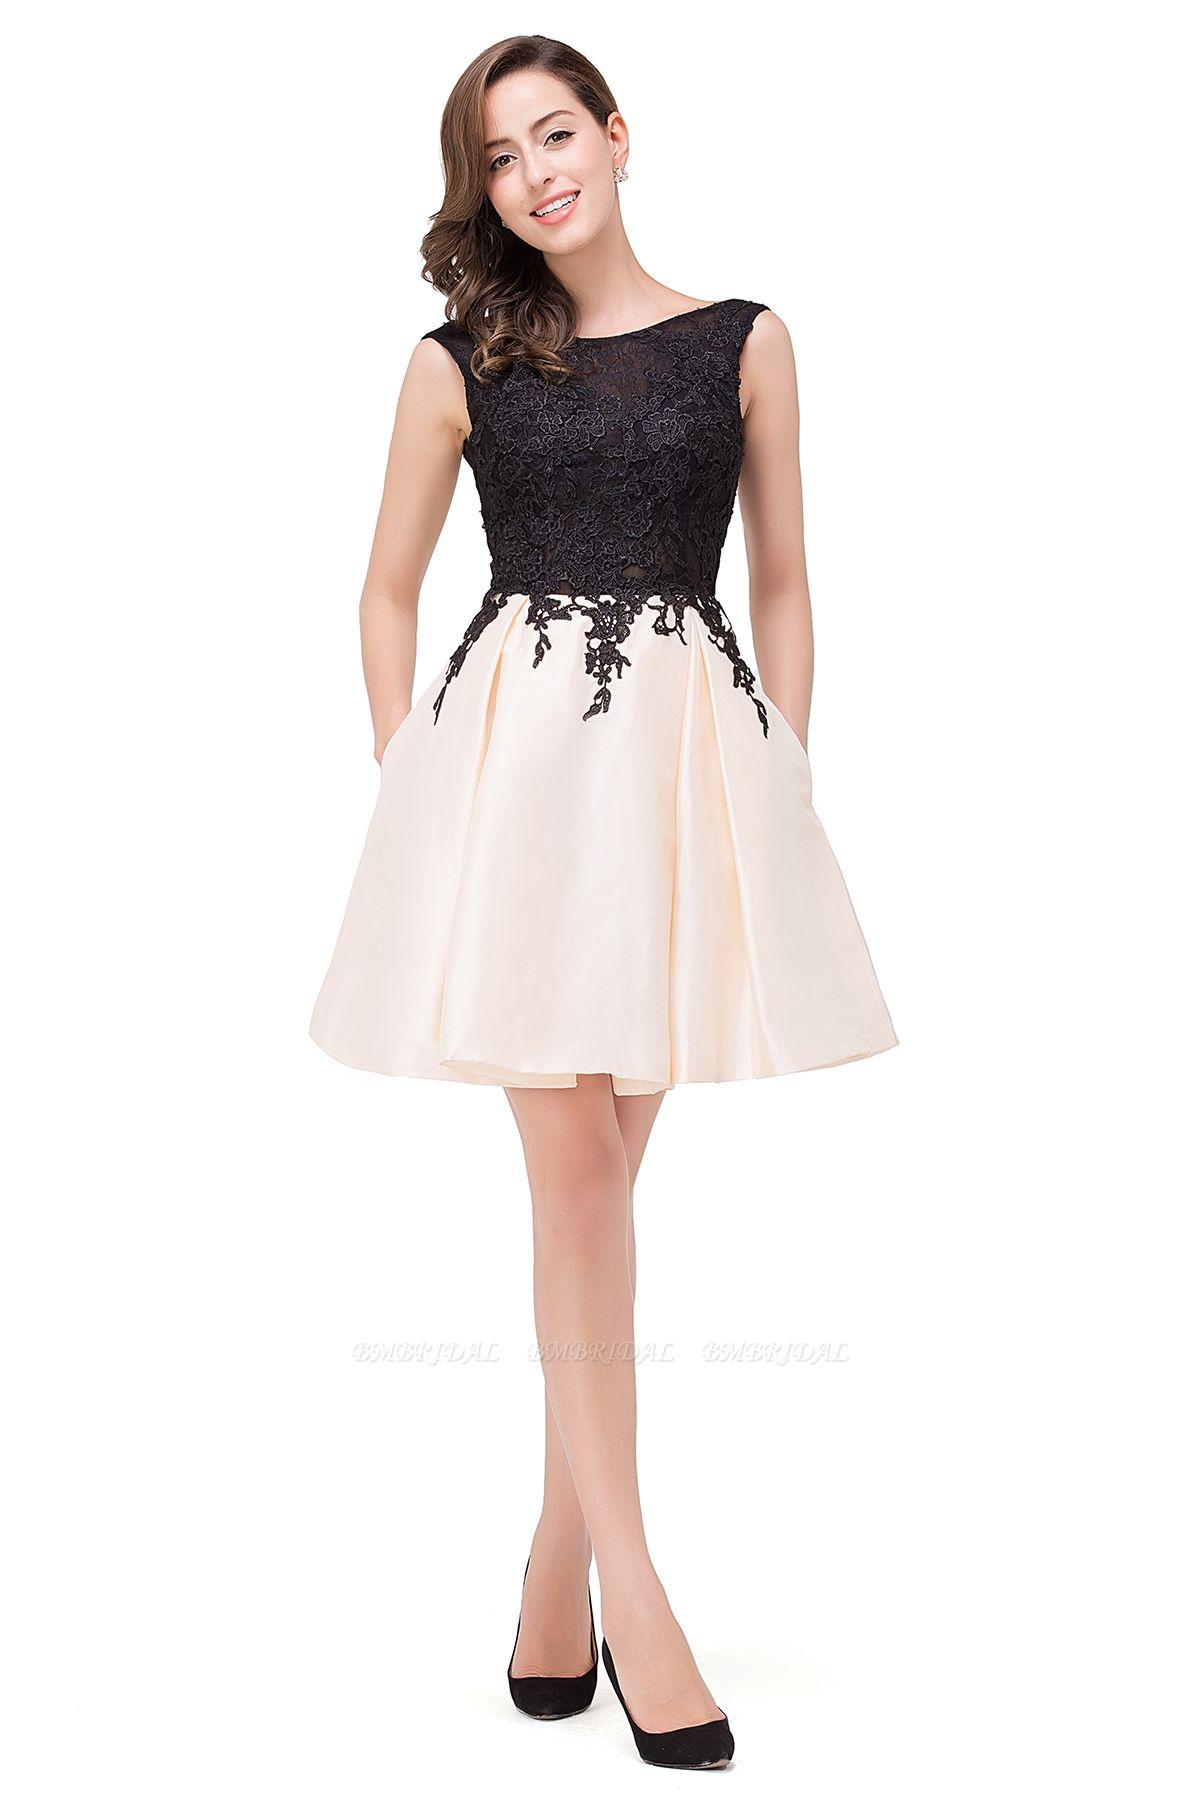 BMbridal Short A Line Applique Tutu Prom Party Dress